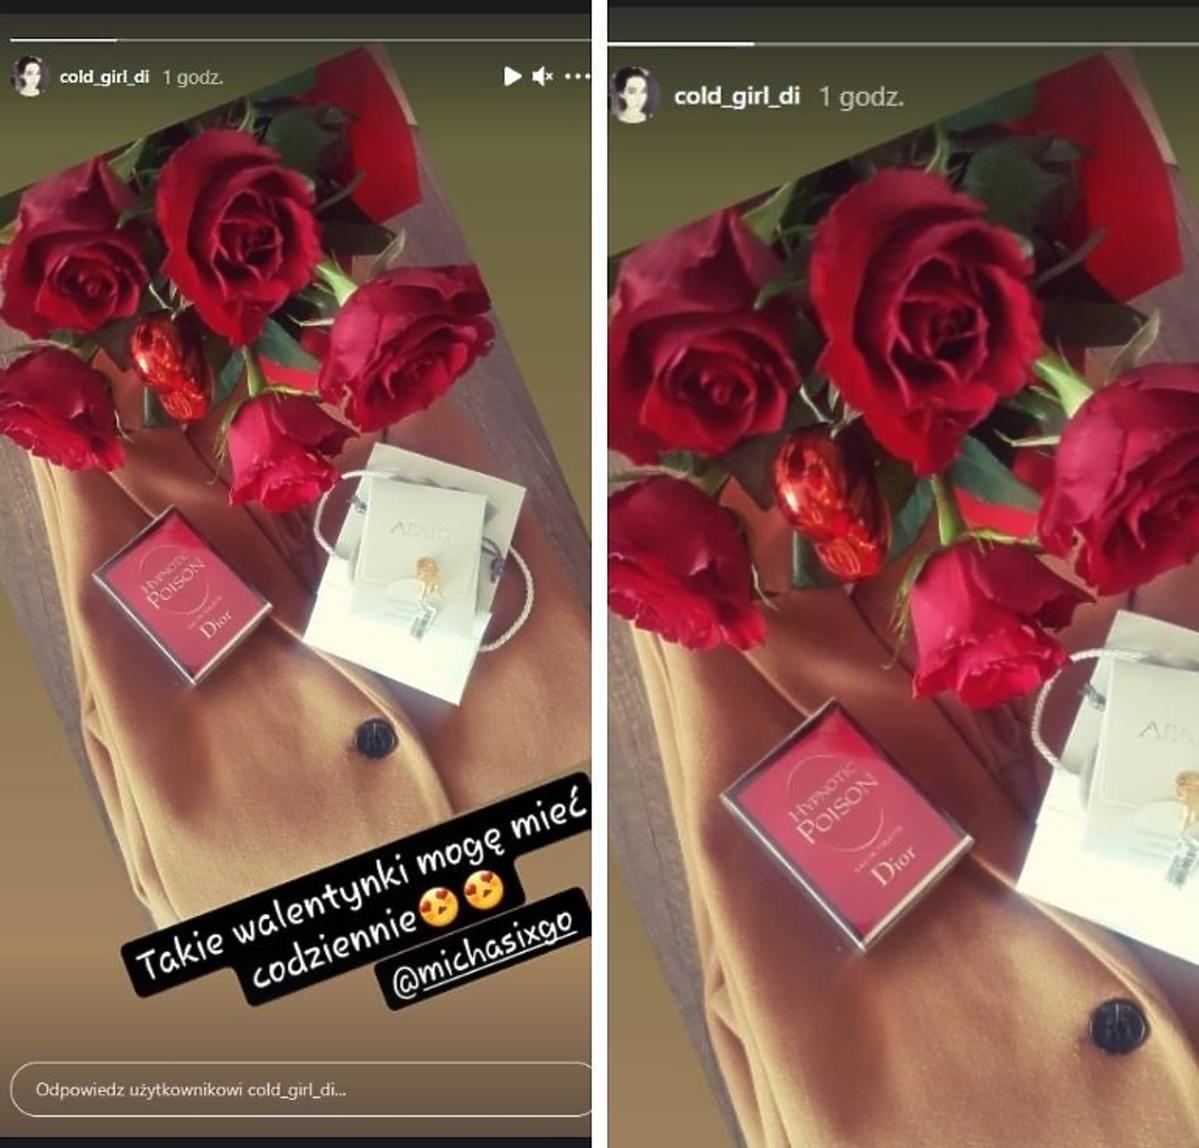 Diana Rolnik szuka żony pokazała prezent na Walentynki